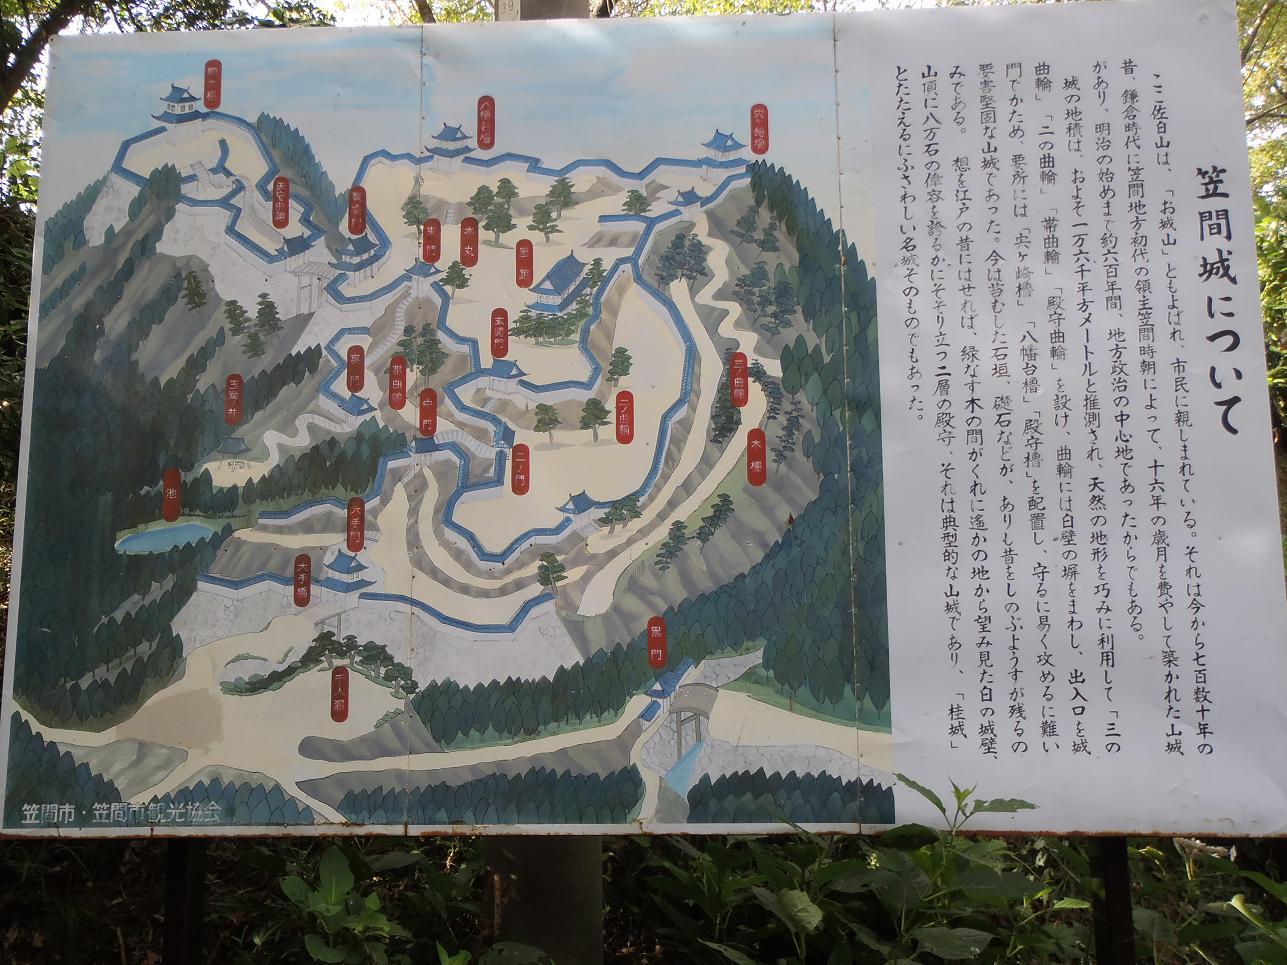 笠間城 【常陸】: 城跡散策の記録